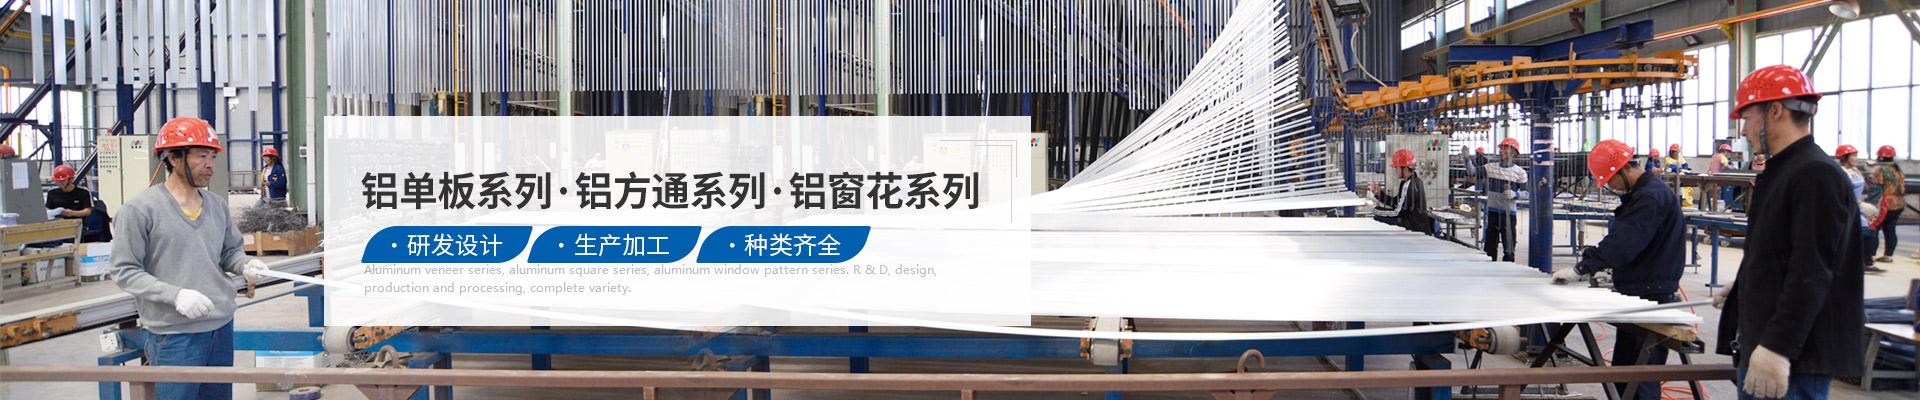 国昆,铝单板系列,铝方通系列,铝窗花系列